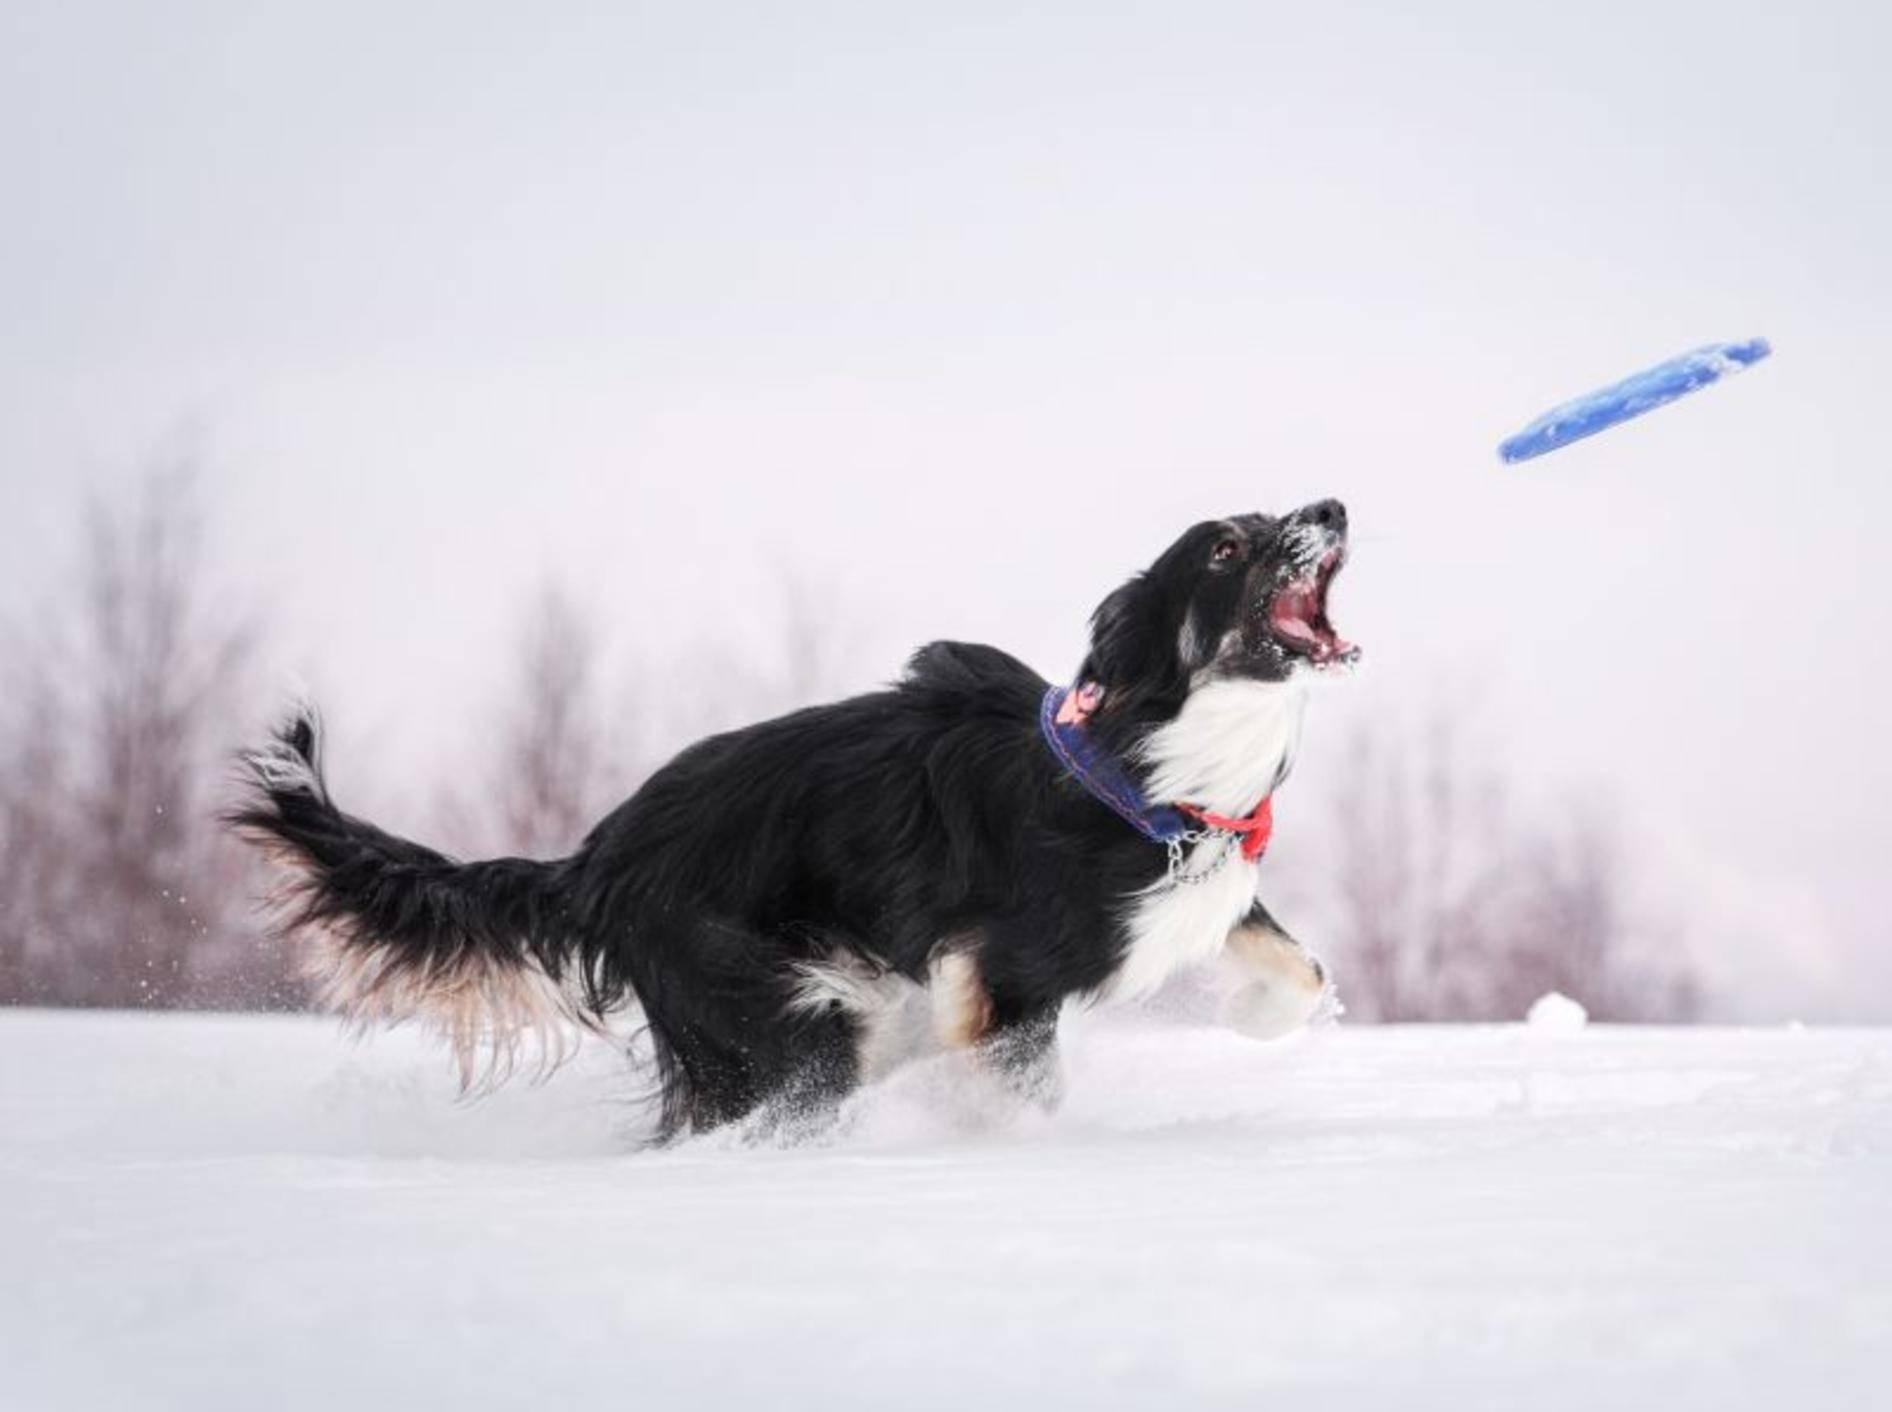 Frisbee spielen bei Schnee und Eis: Einfach toll! – Bild: Shutterstock / Anna Tyurina